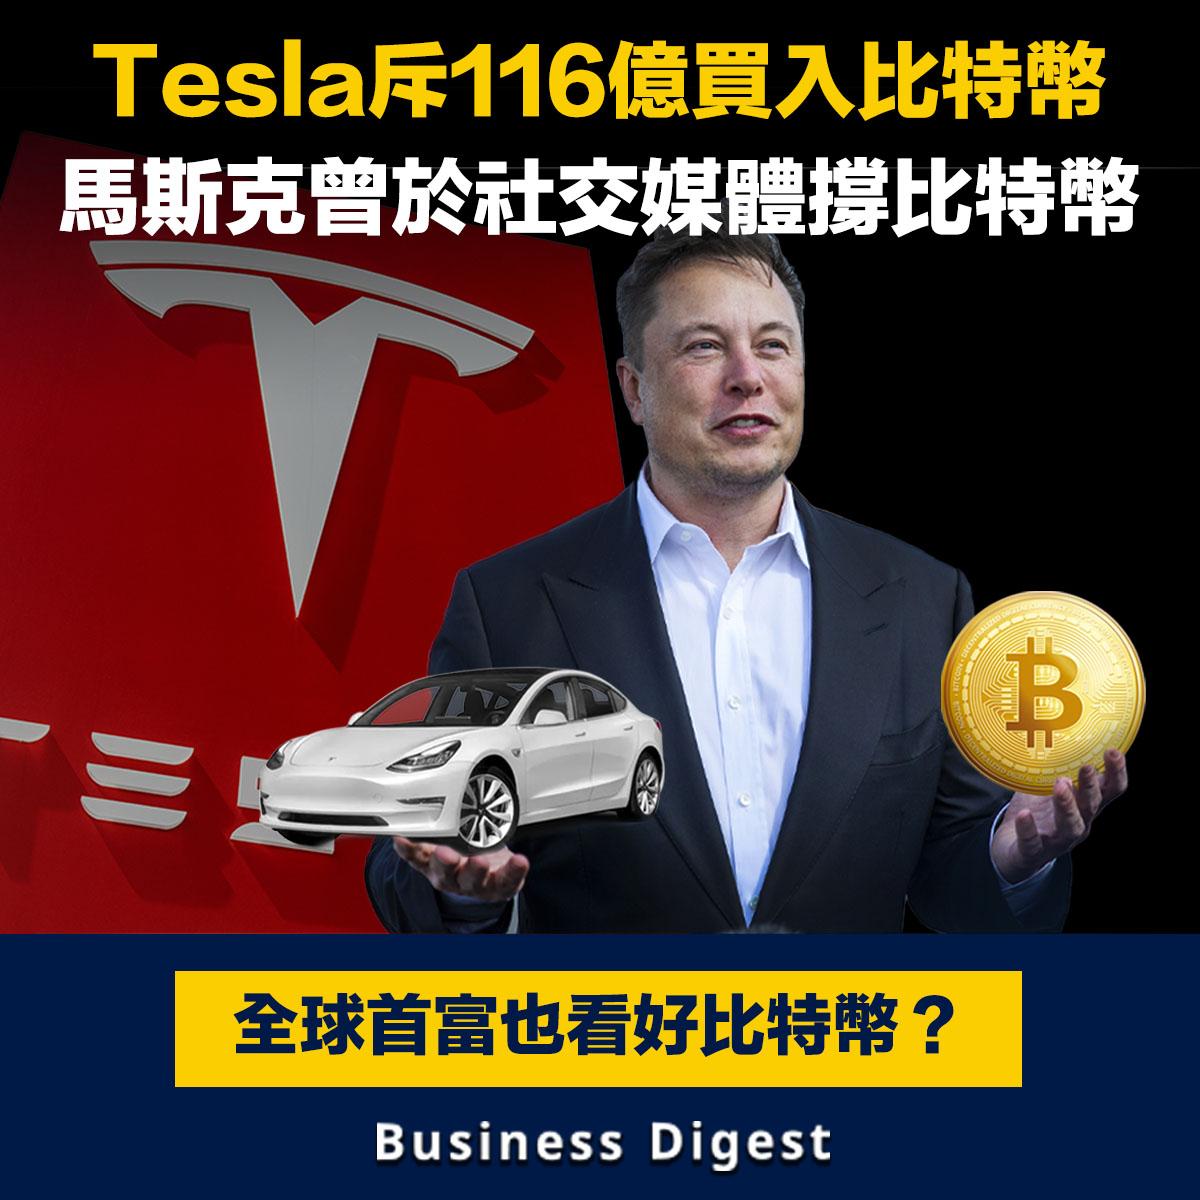 Tesla斥116億買入比特幣,馬斯克曾於社交媒體撐比特幣